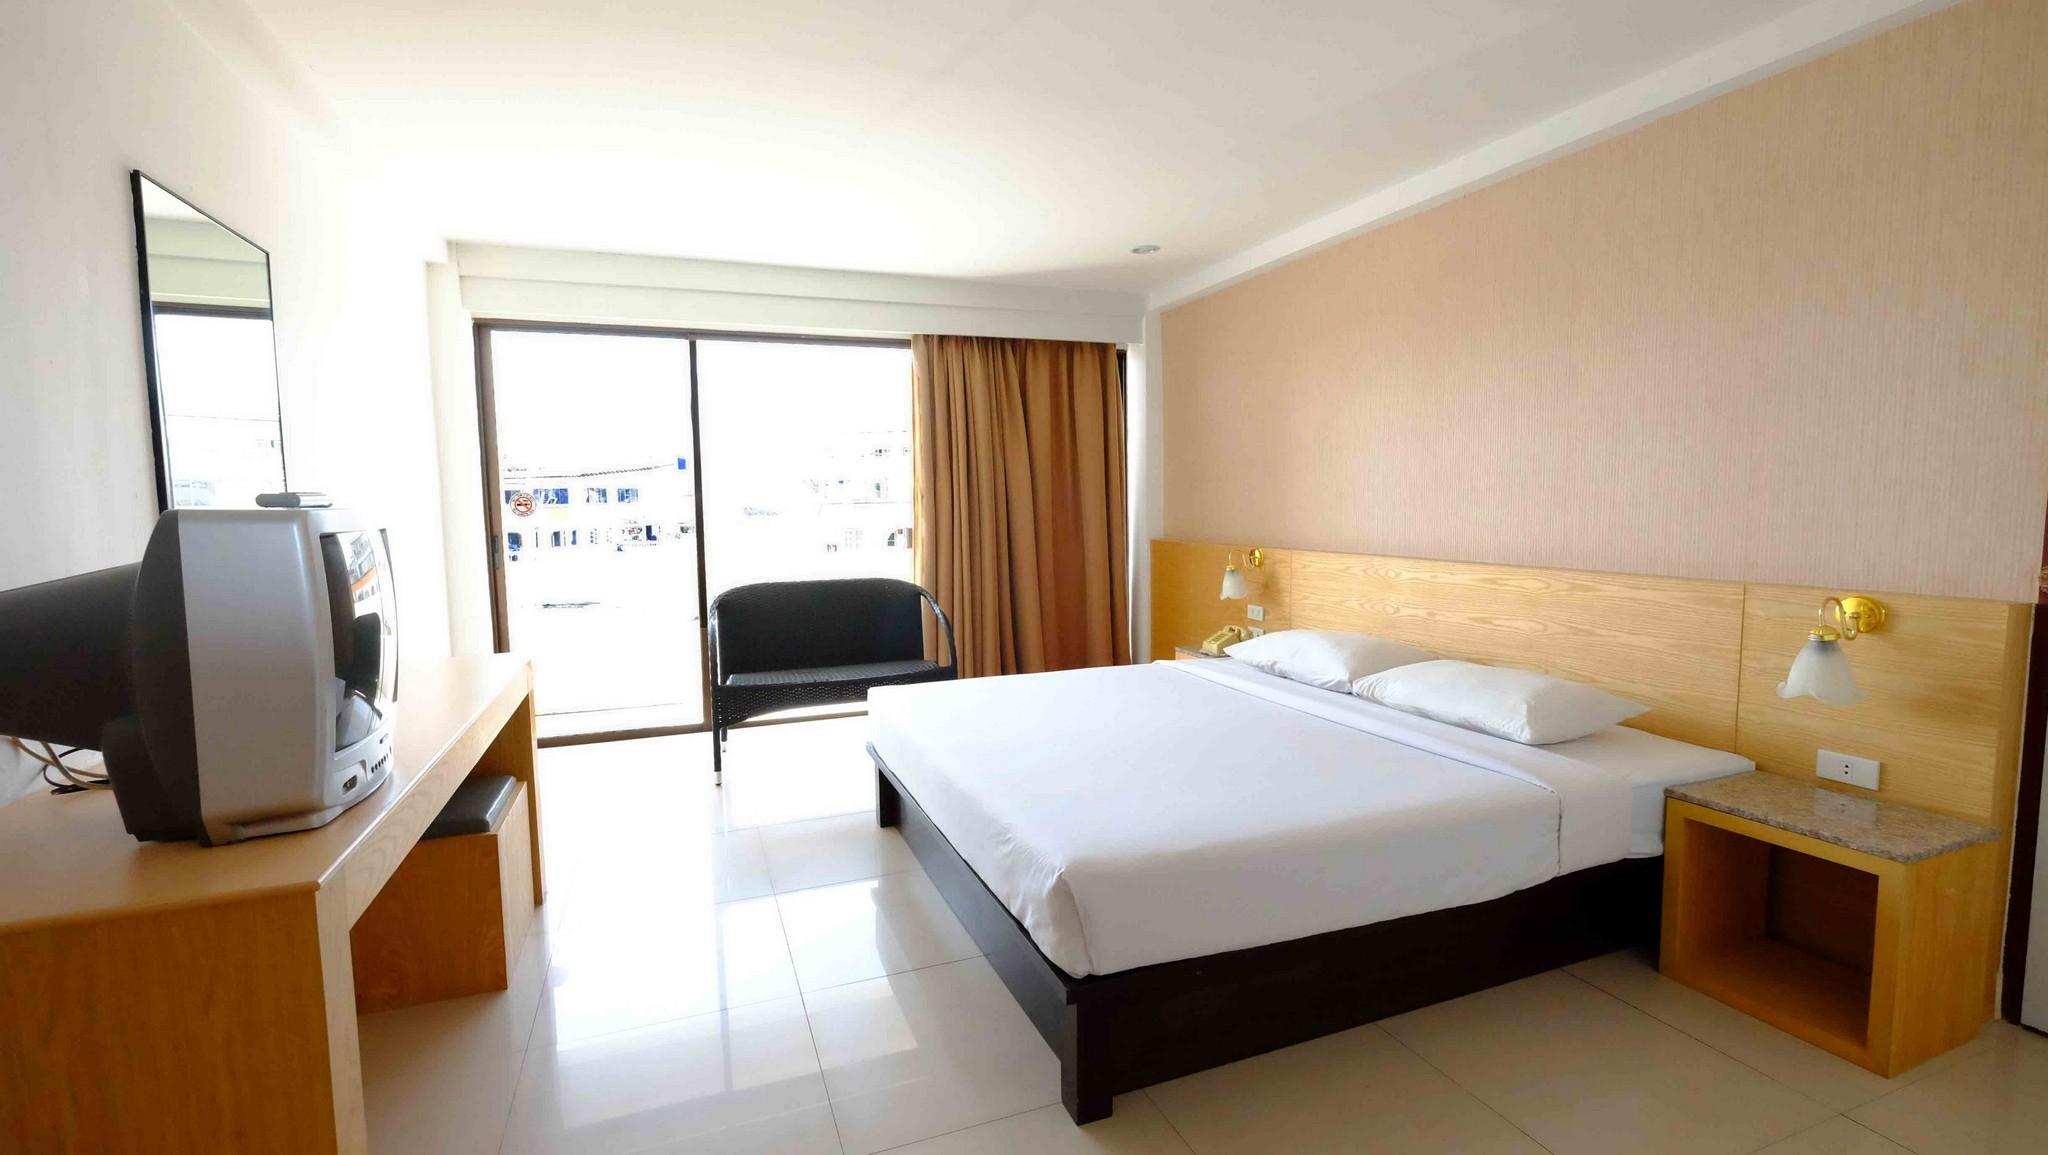 โรงแรมเวลคัม พลาซ่า